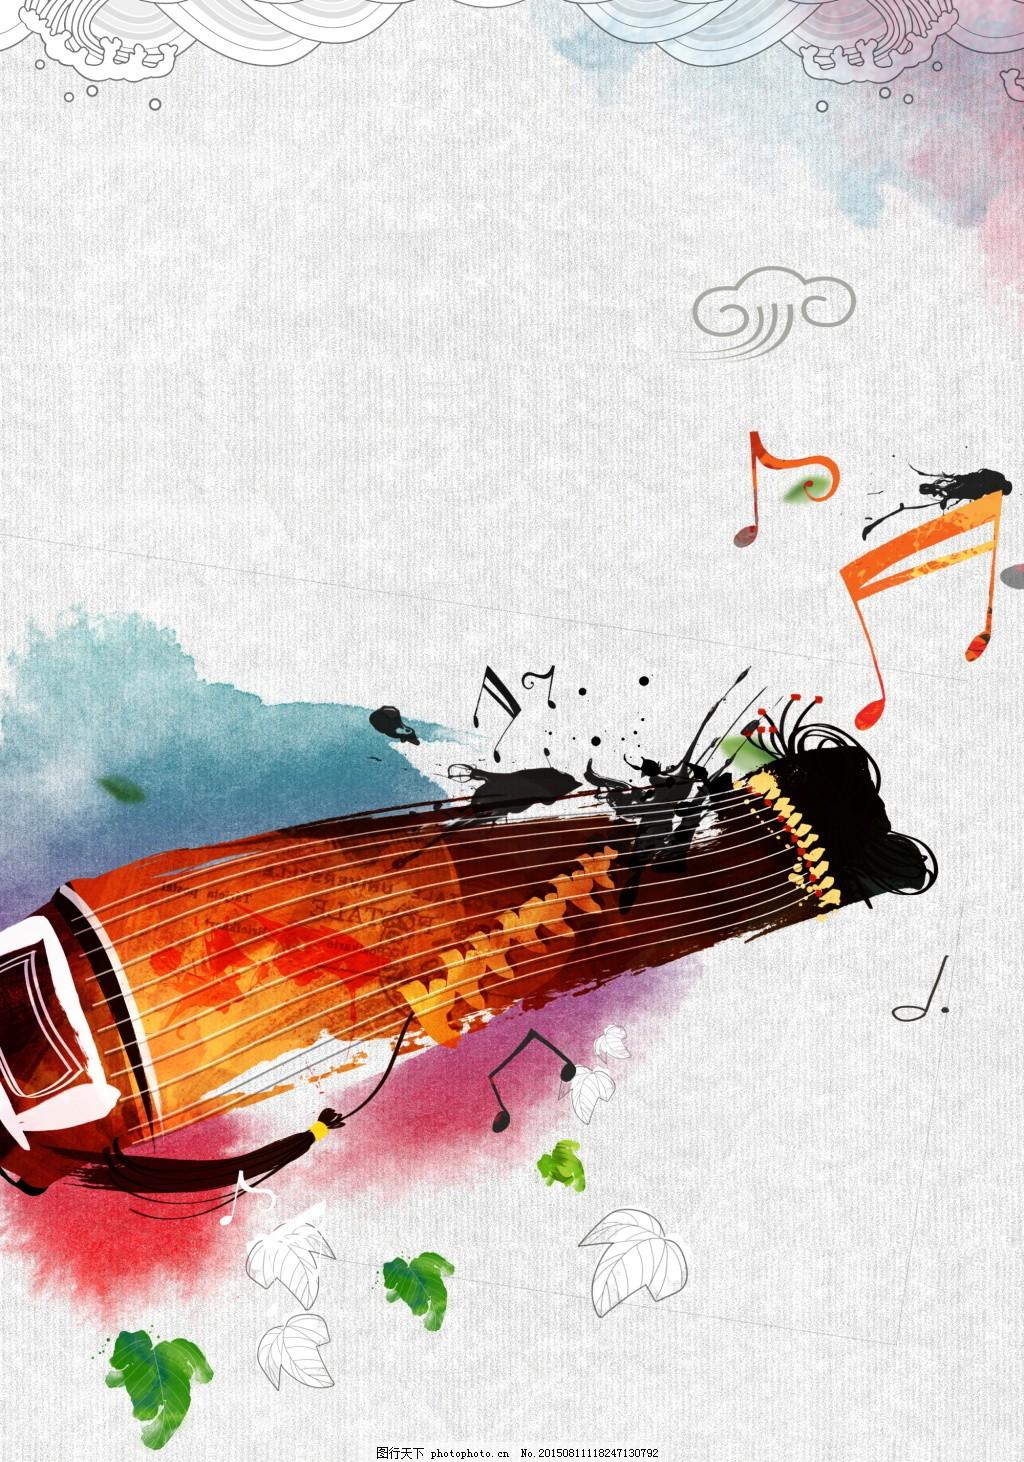 古风古筝海报背景设计,古筝比赛,古筝大赛,古筝广告,古筝教学背景,古筝培训背景,古筝设计